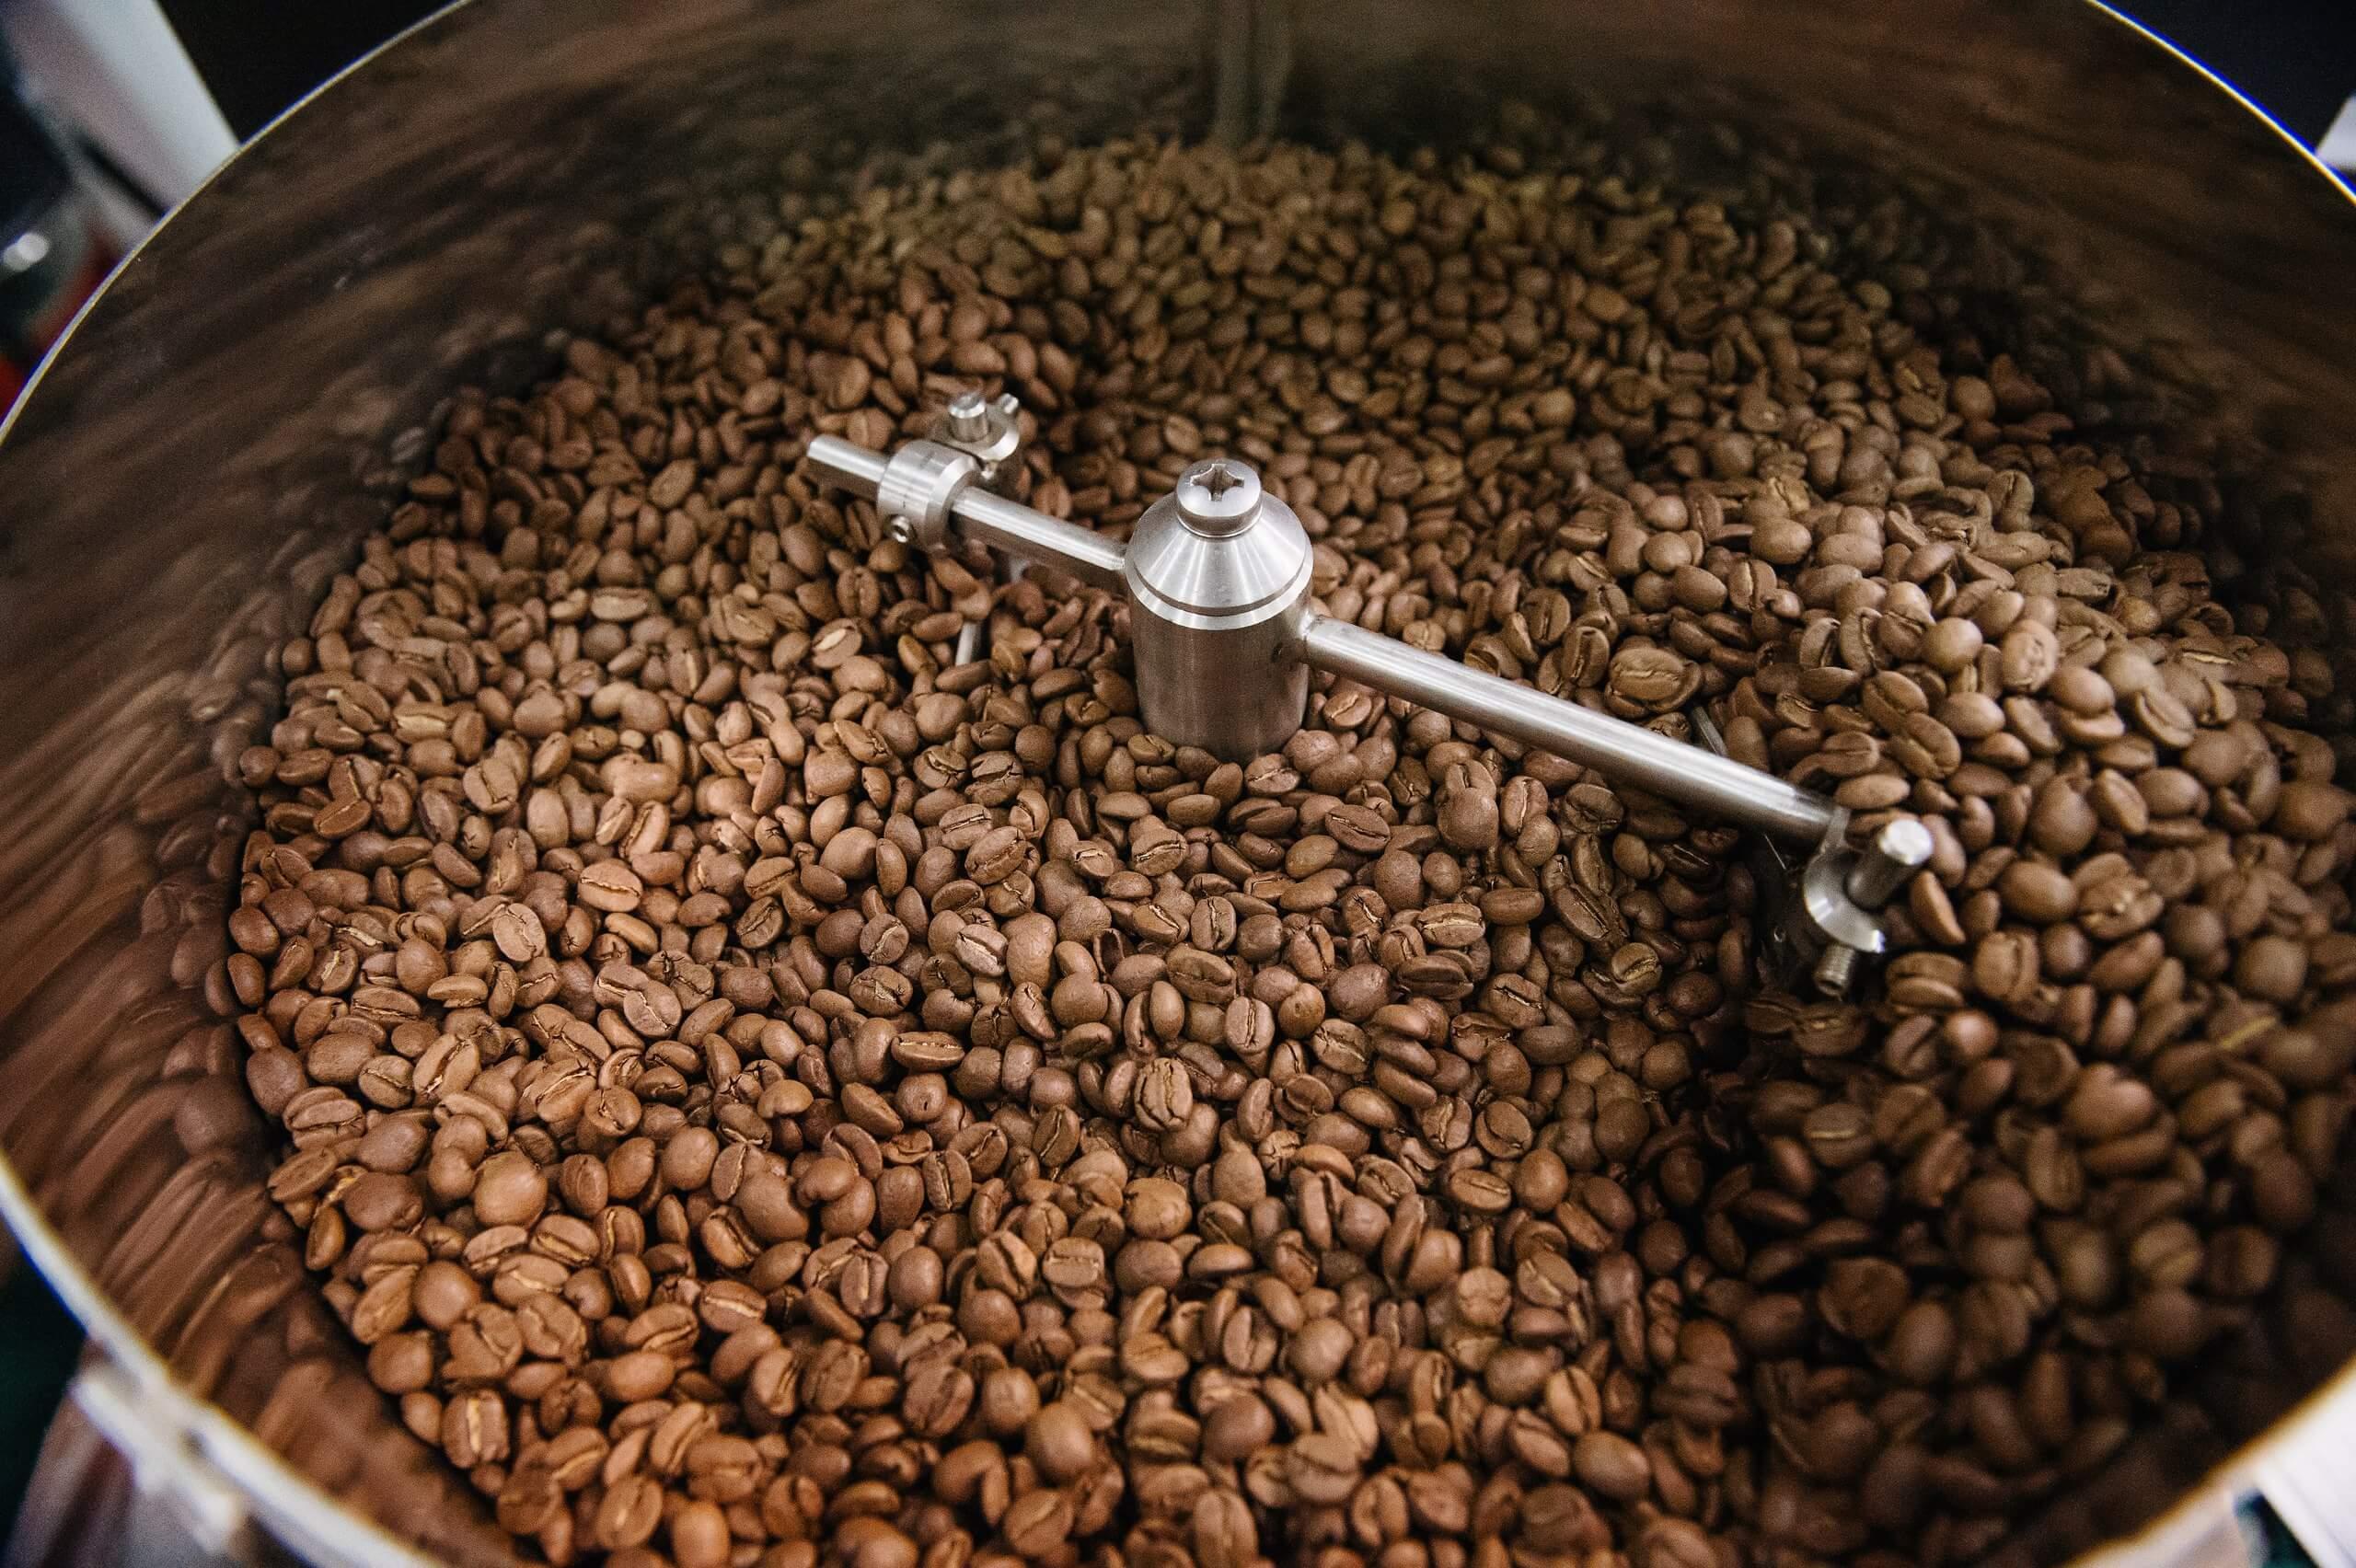 История кофе – кратко и понятно о том, как напиток появился в европе и россии